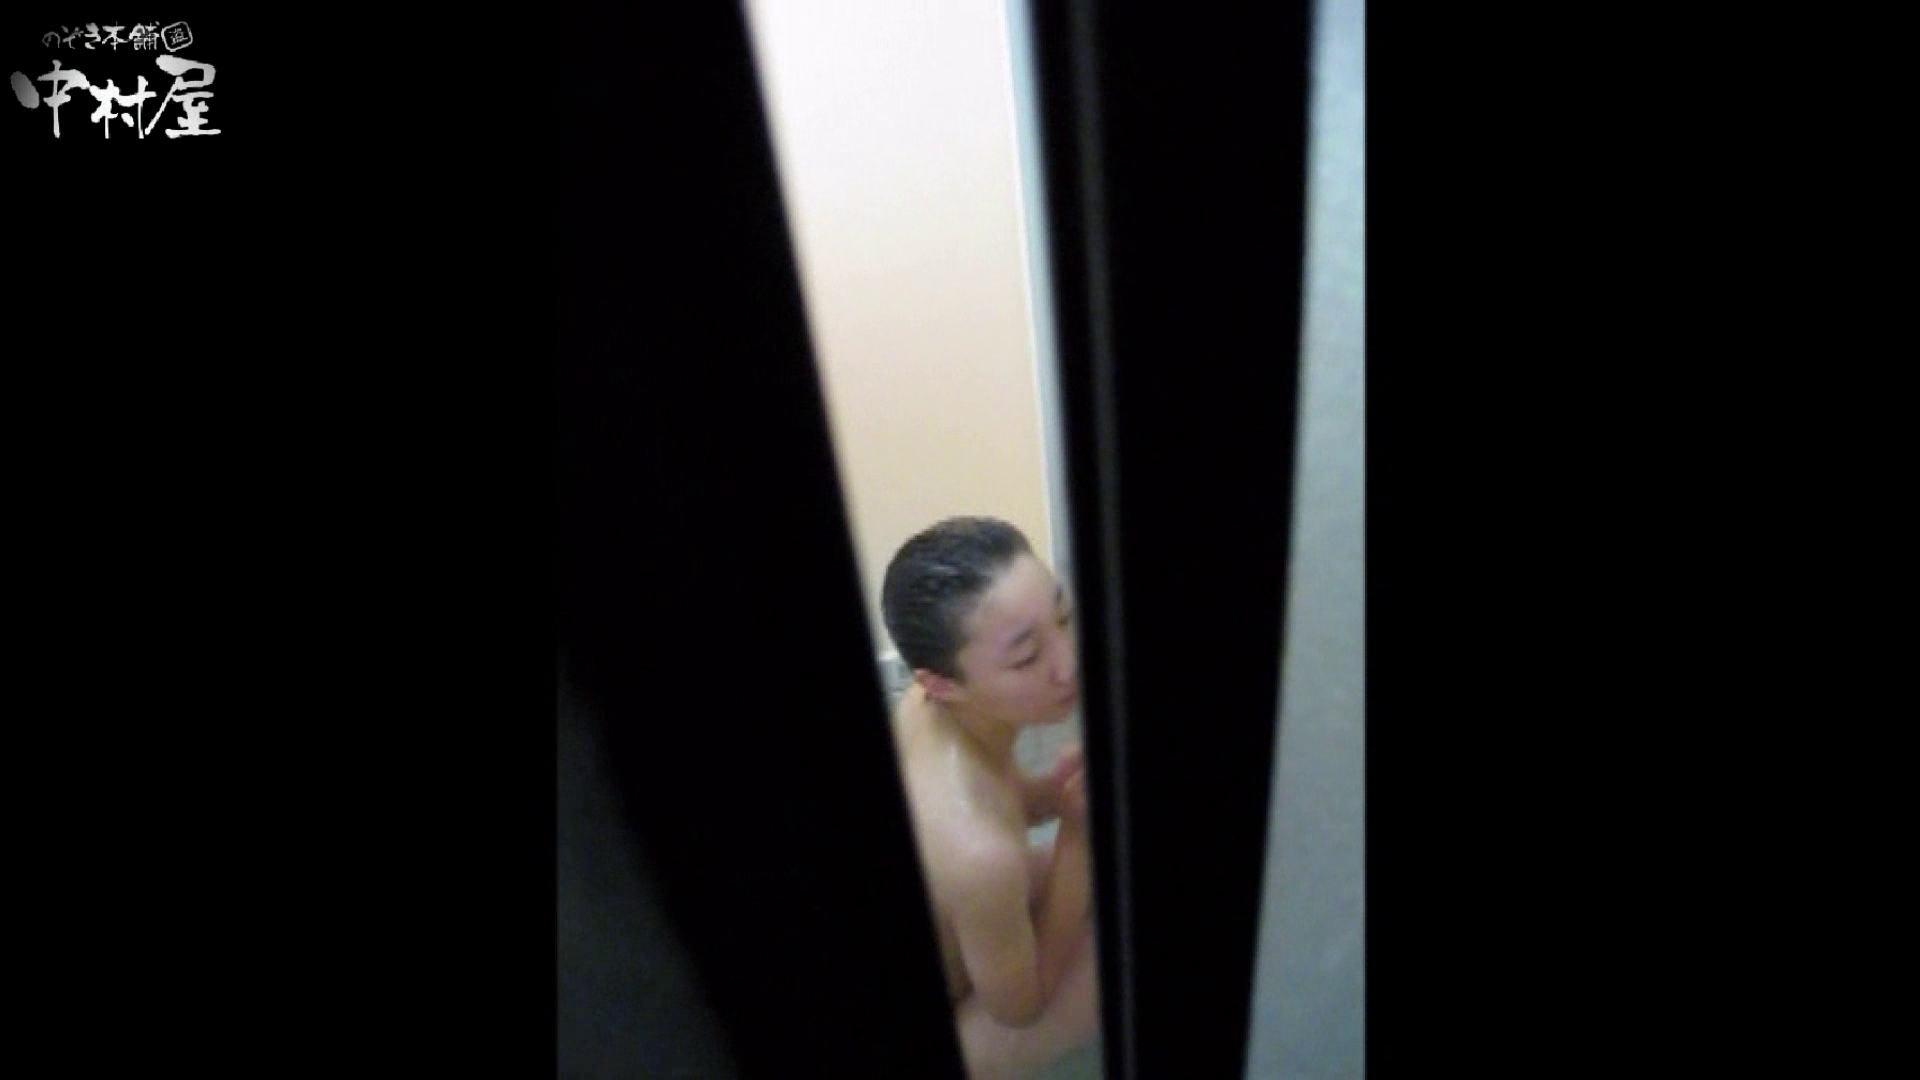 民家風呂専門盗撮師の超危険映像 vol.006 美女 エロ無料画像 109連発 106